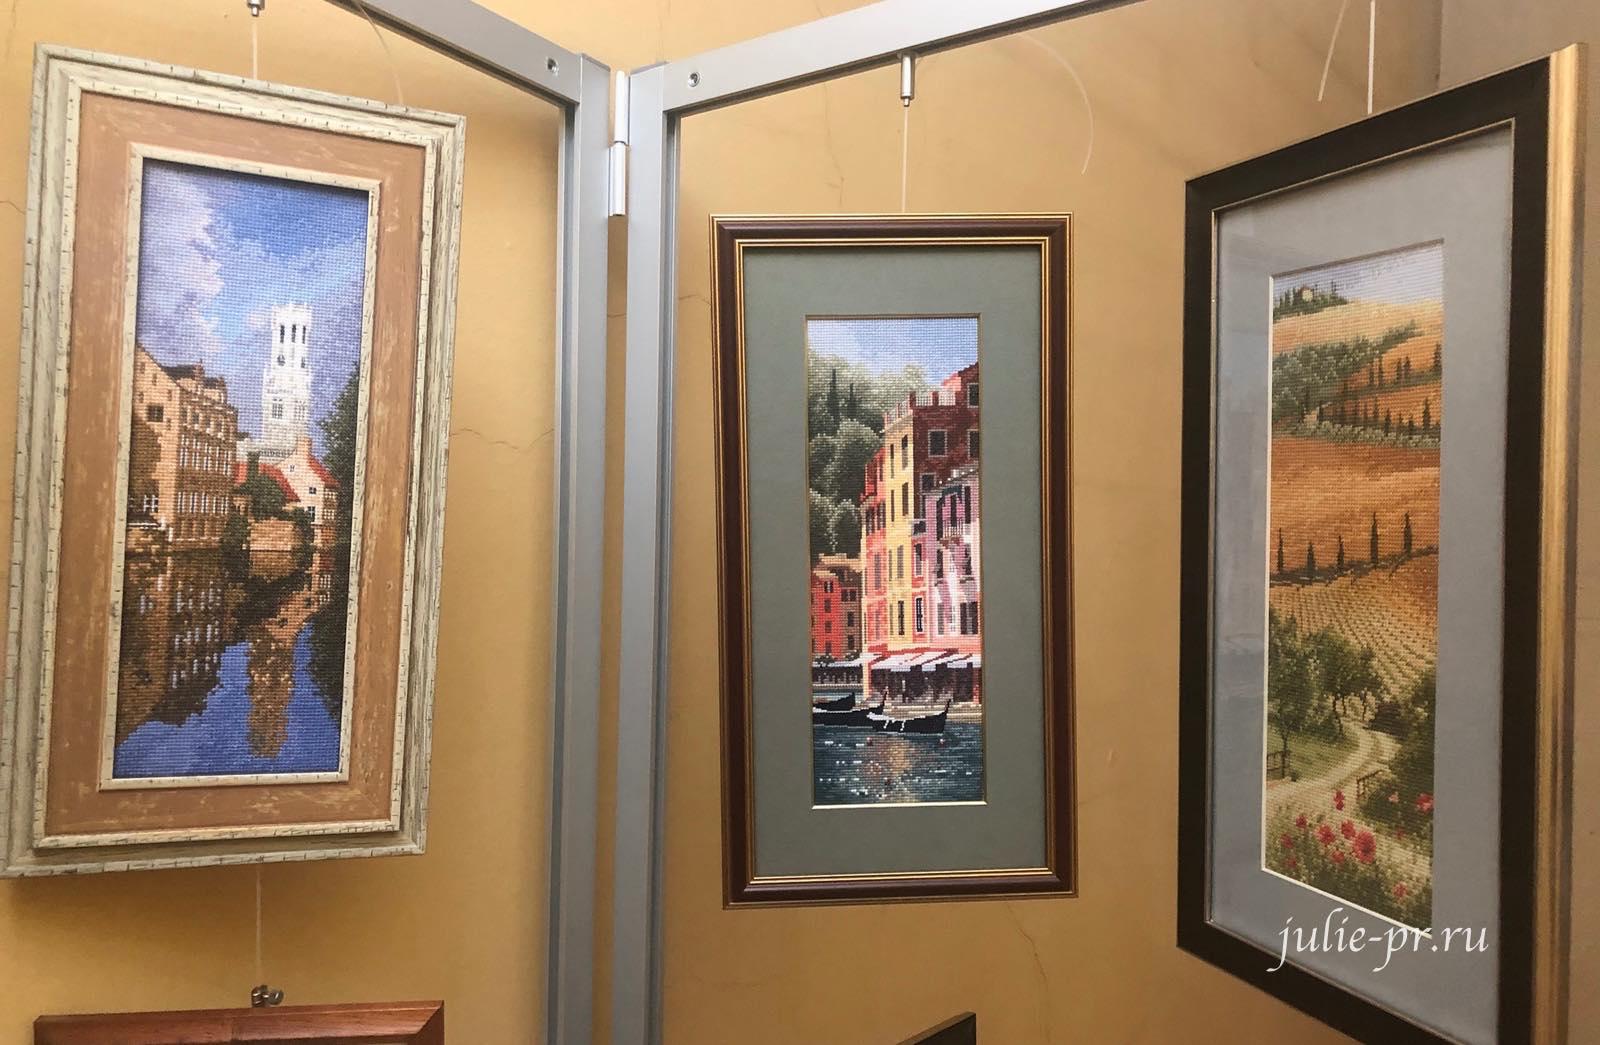 Брюгге, Портофино, Тоскана, вышивка крестом, Heritage, John Clayton, выставка Грани Джона Клейтона